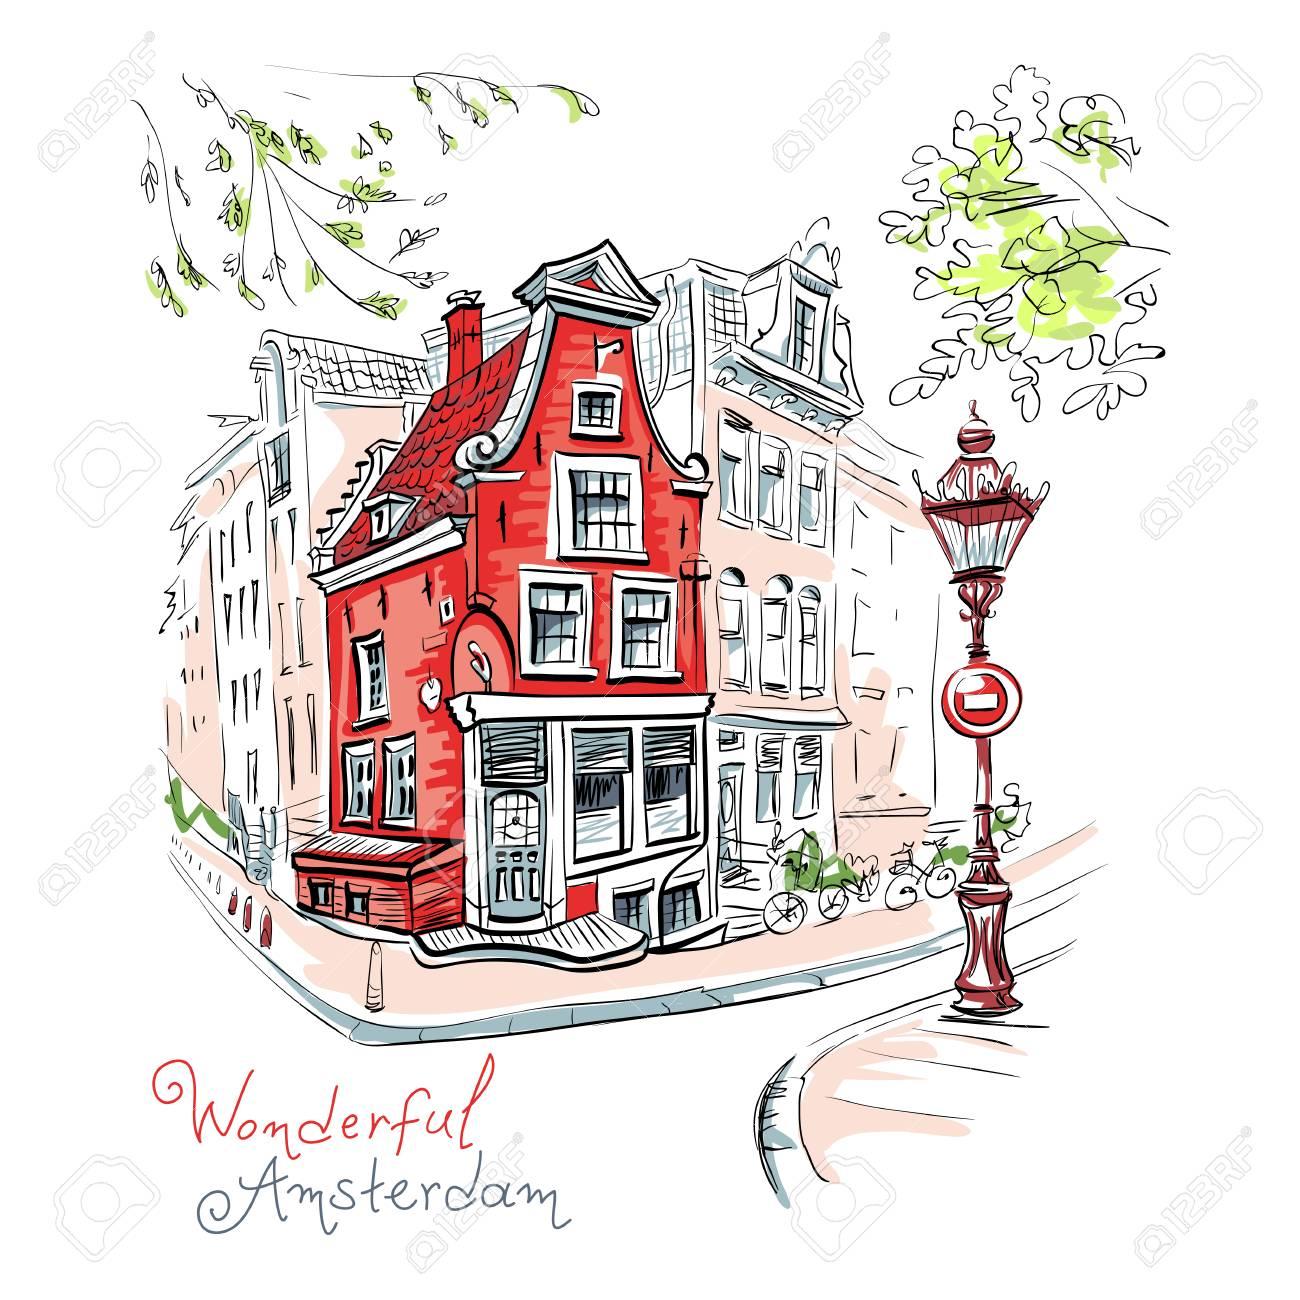 Banque dimages dessin à dessin de couleurs vectorielles vue sur la ville de maison typique damsterdam avec cigogne et lanterne hollande pays bas